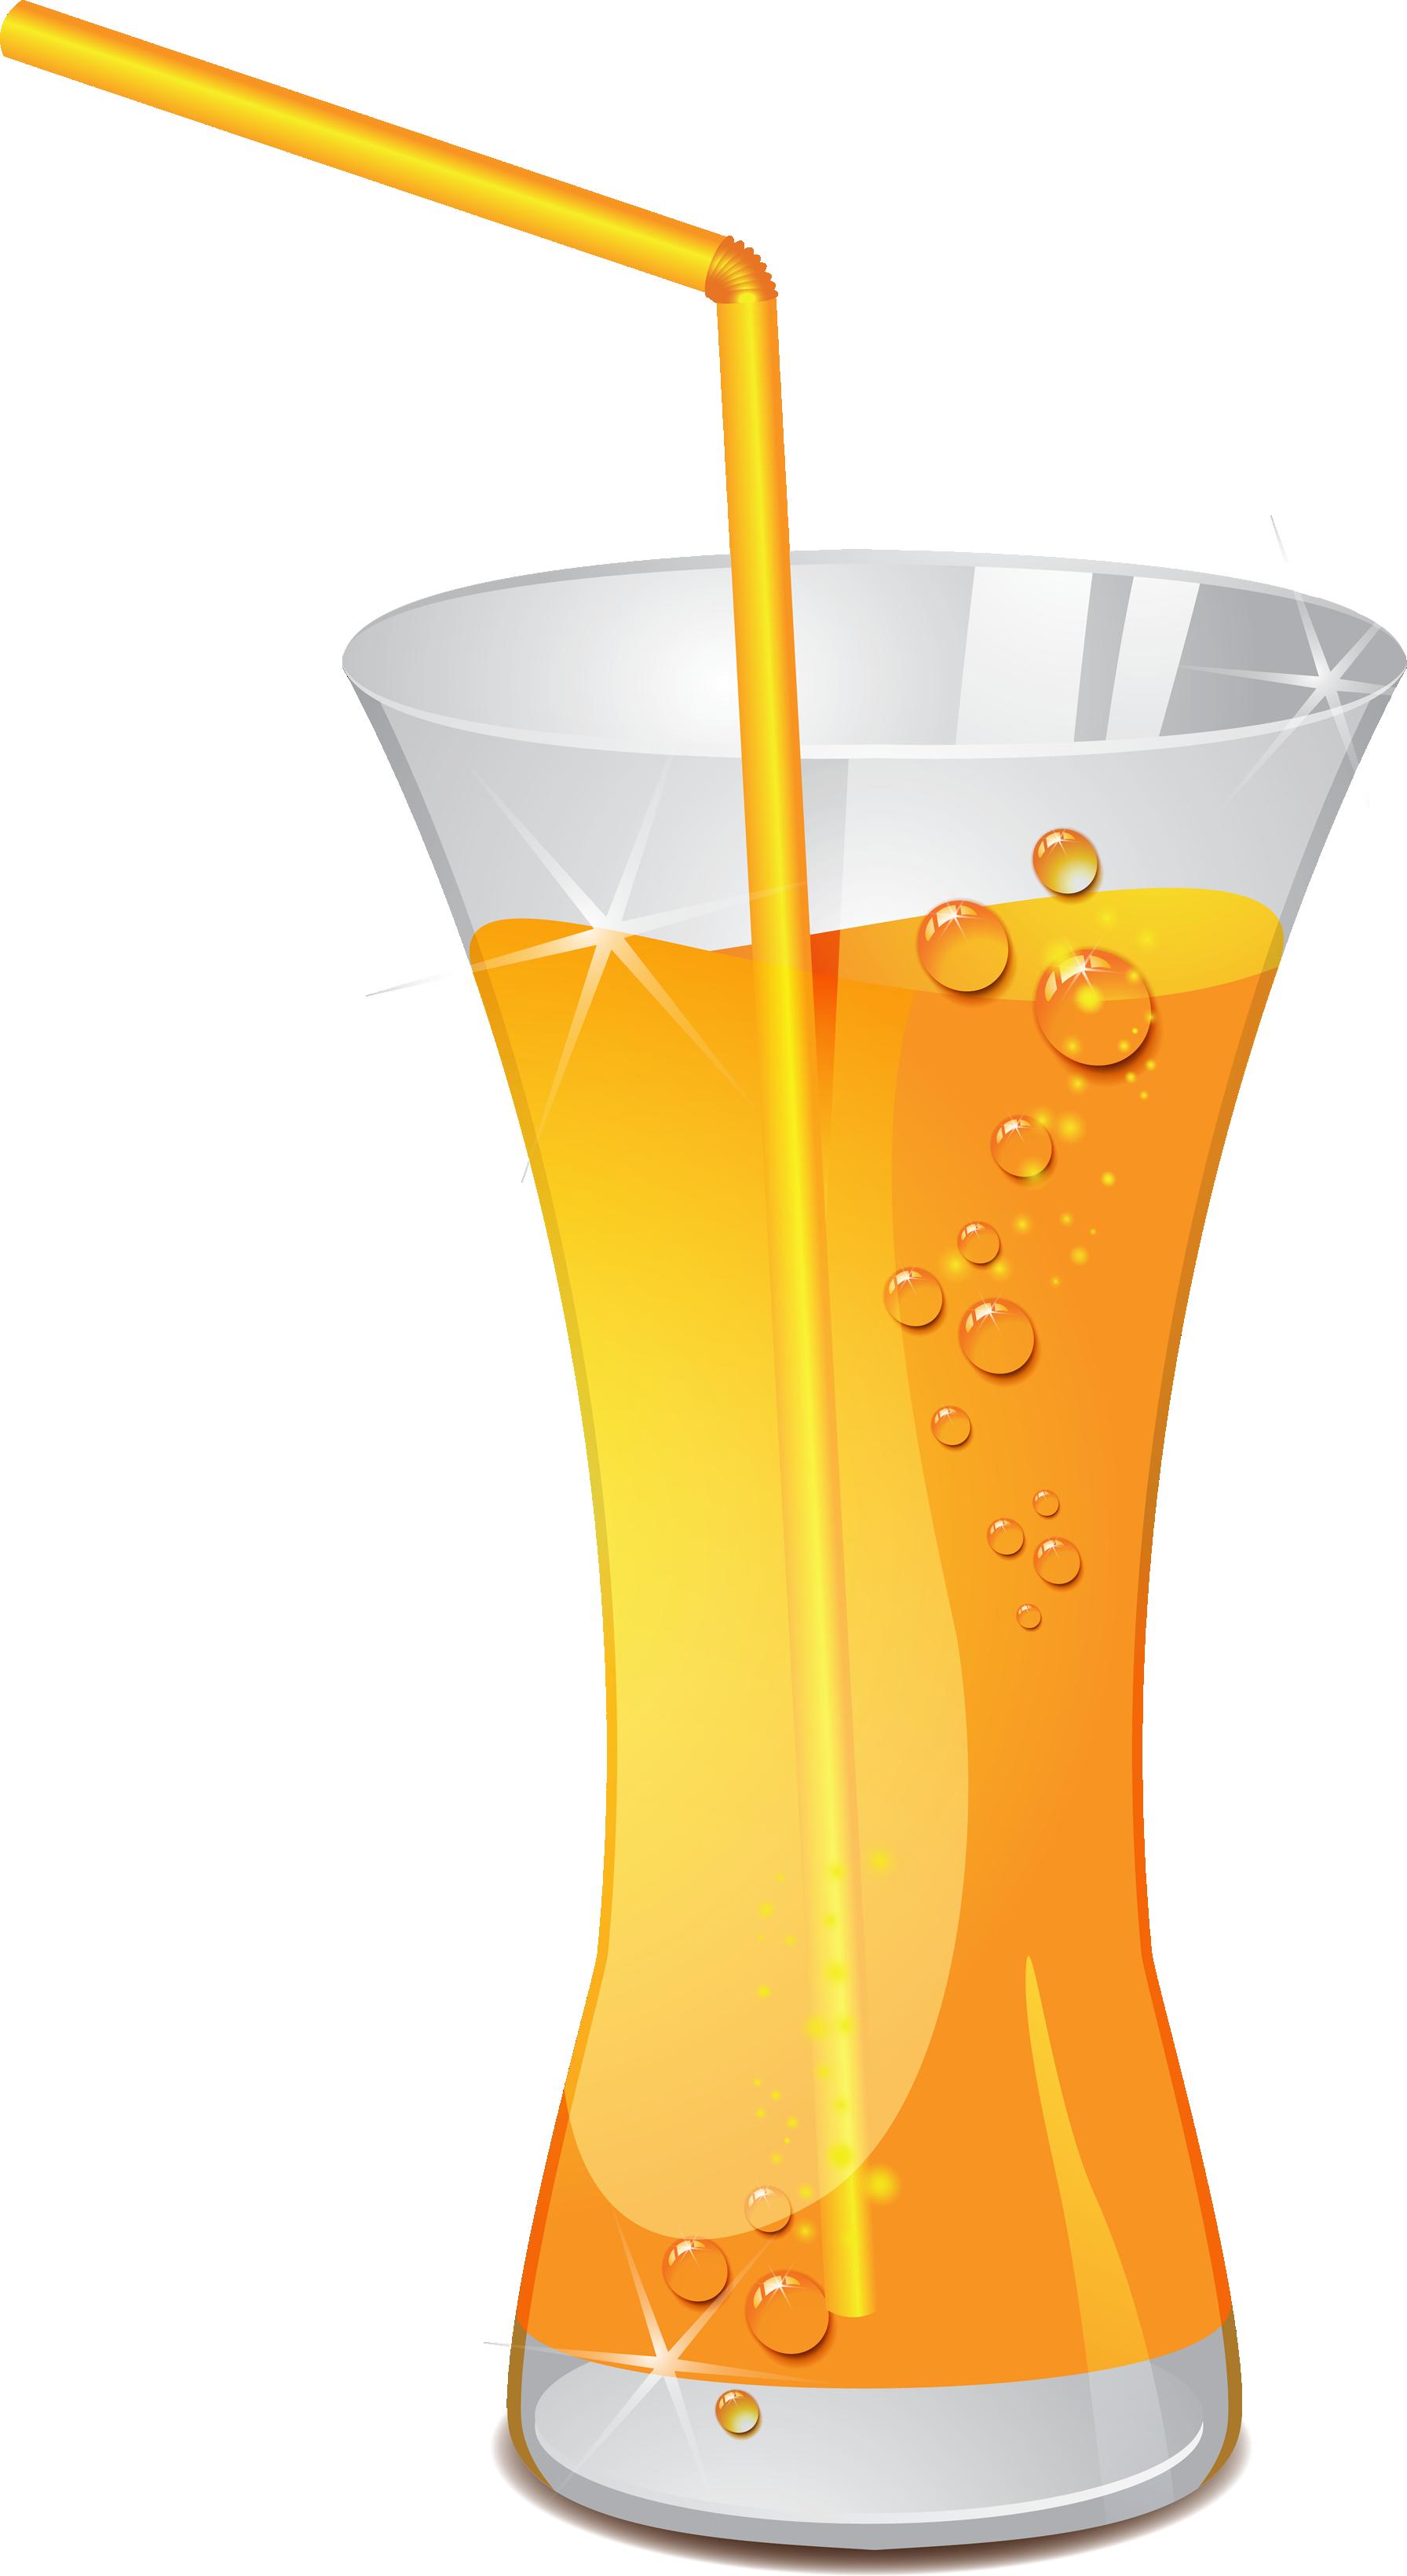 Juice PNG Image - PurePNG   Free transparent CC0 PNG Image ...